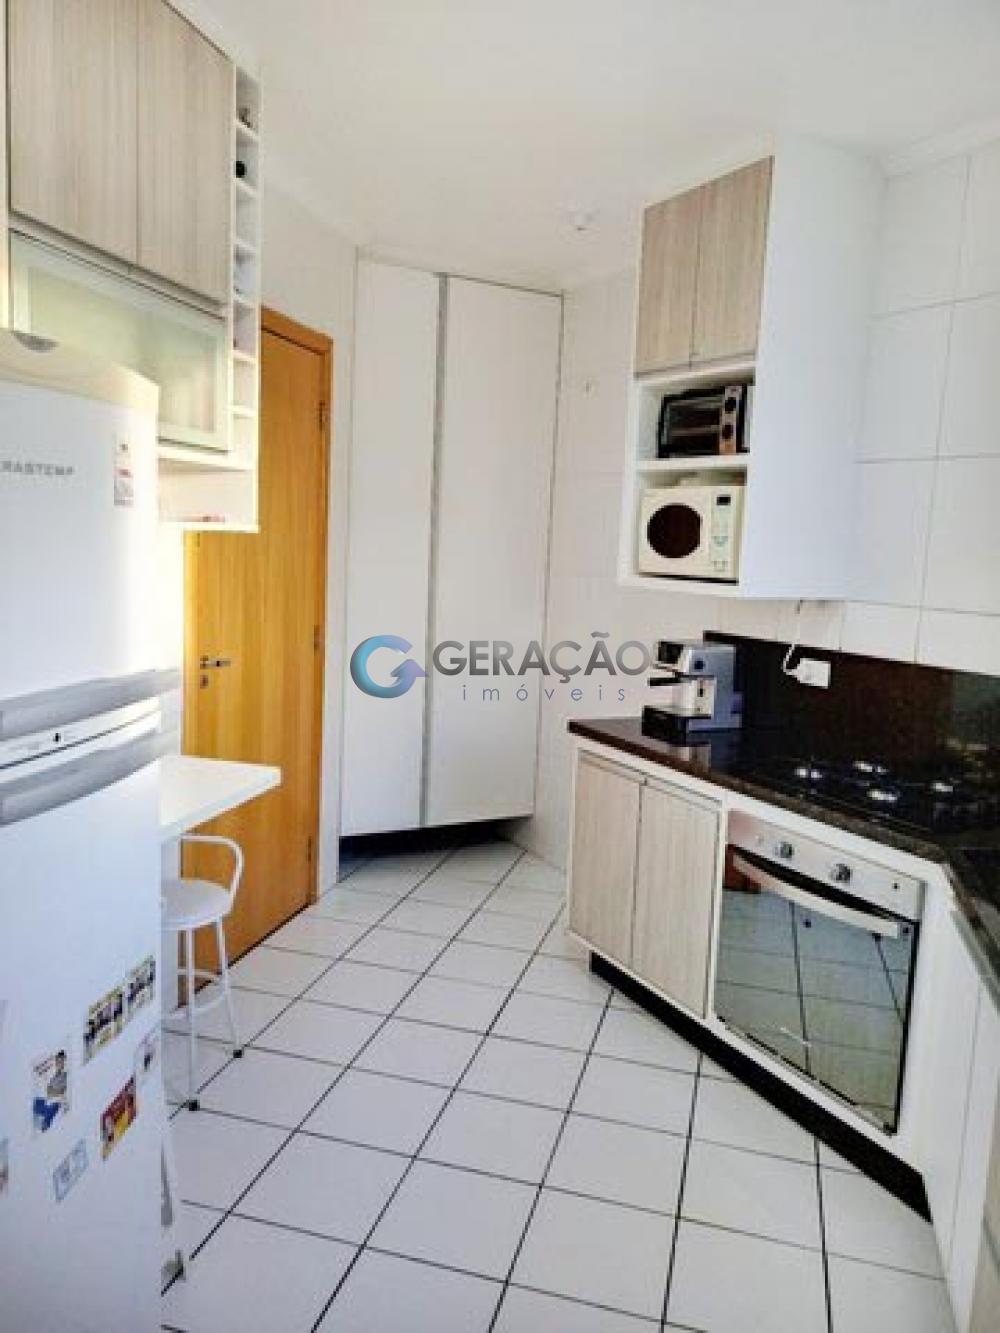 Comprar Apartamento / Padrão em São José dos Campos R$ 580.000,00 - Foto 8